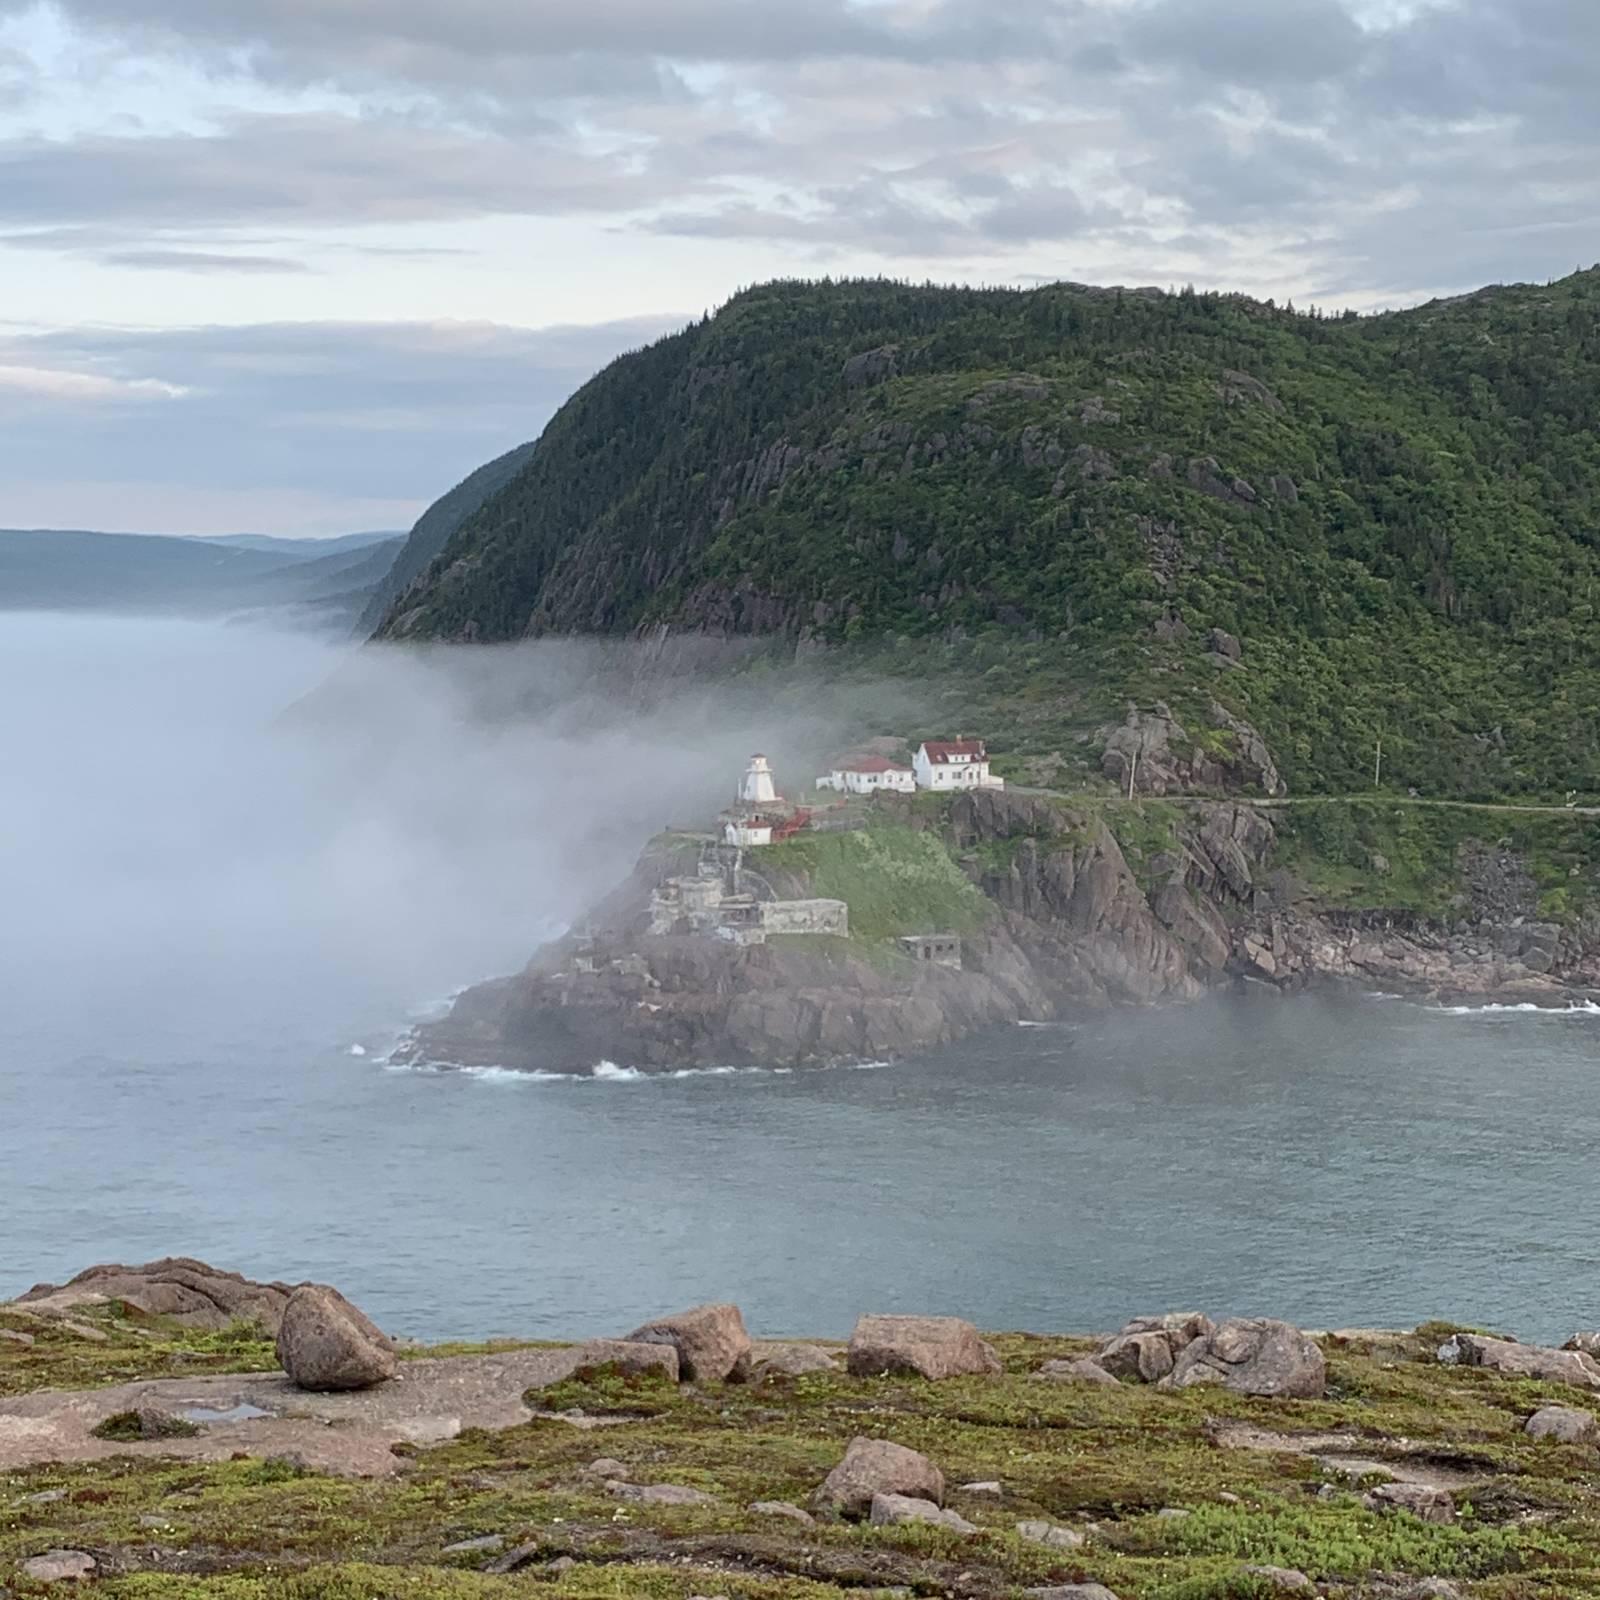 St. Johns på Newfoundland